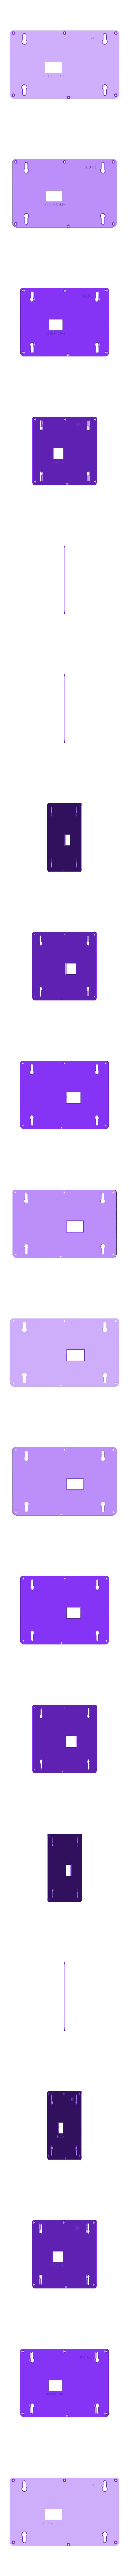 ms_lid.stl Télécharger fichier STL gratuit Présentoir Raspberry Pi • Design pour imprimante 3D, marigu